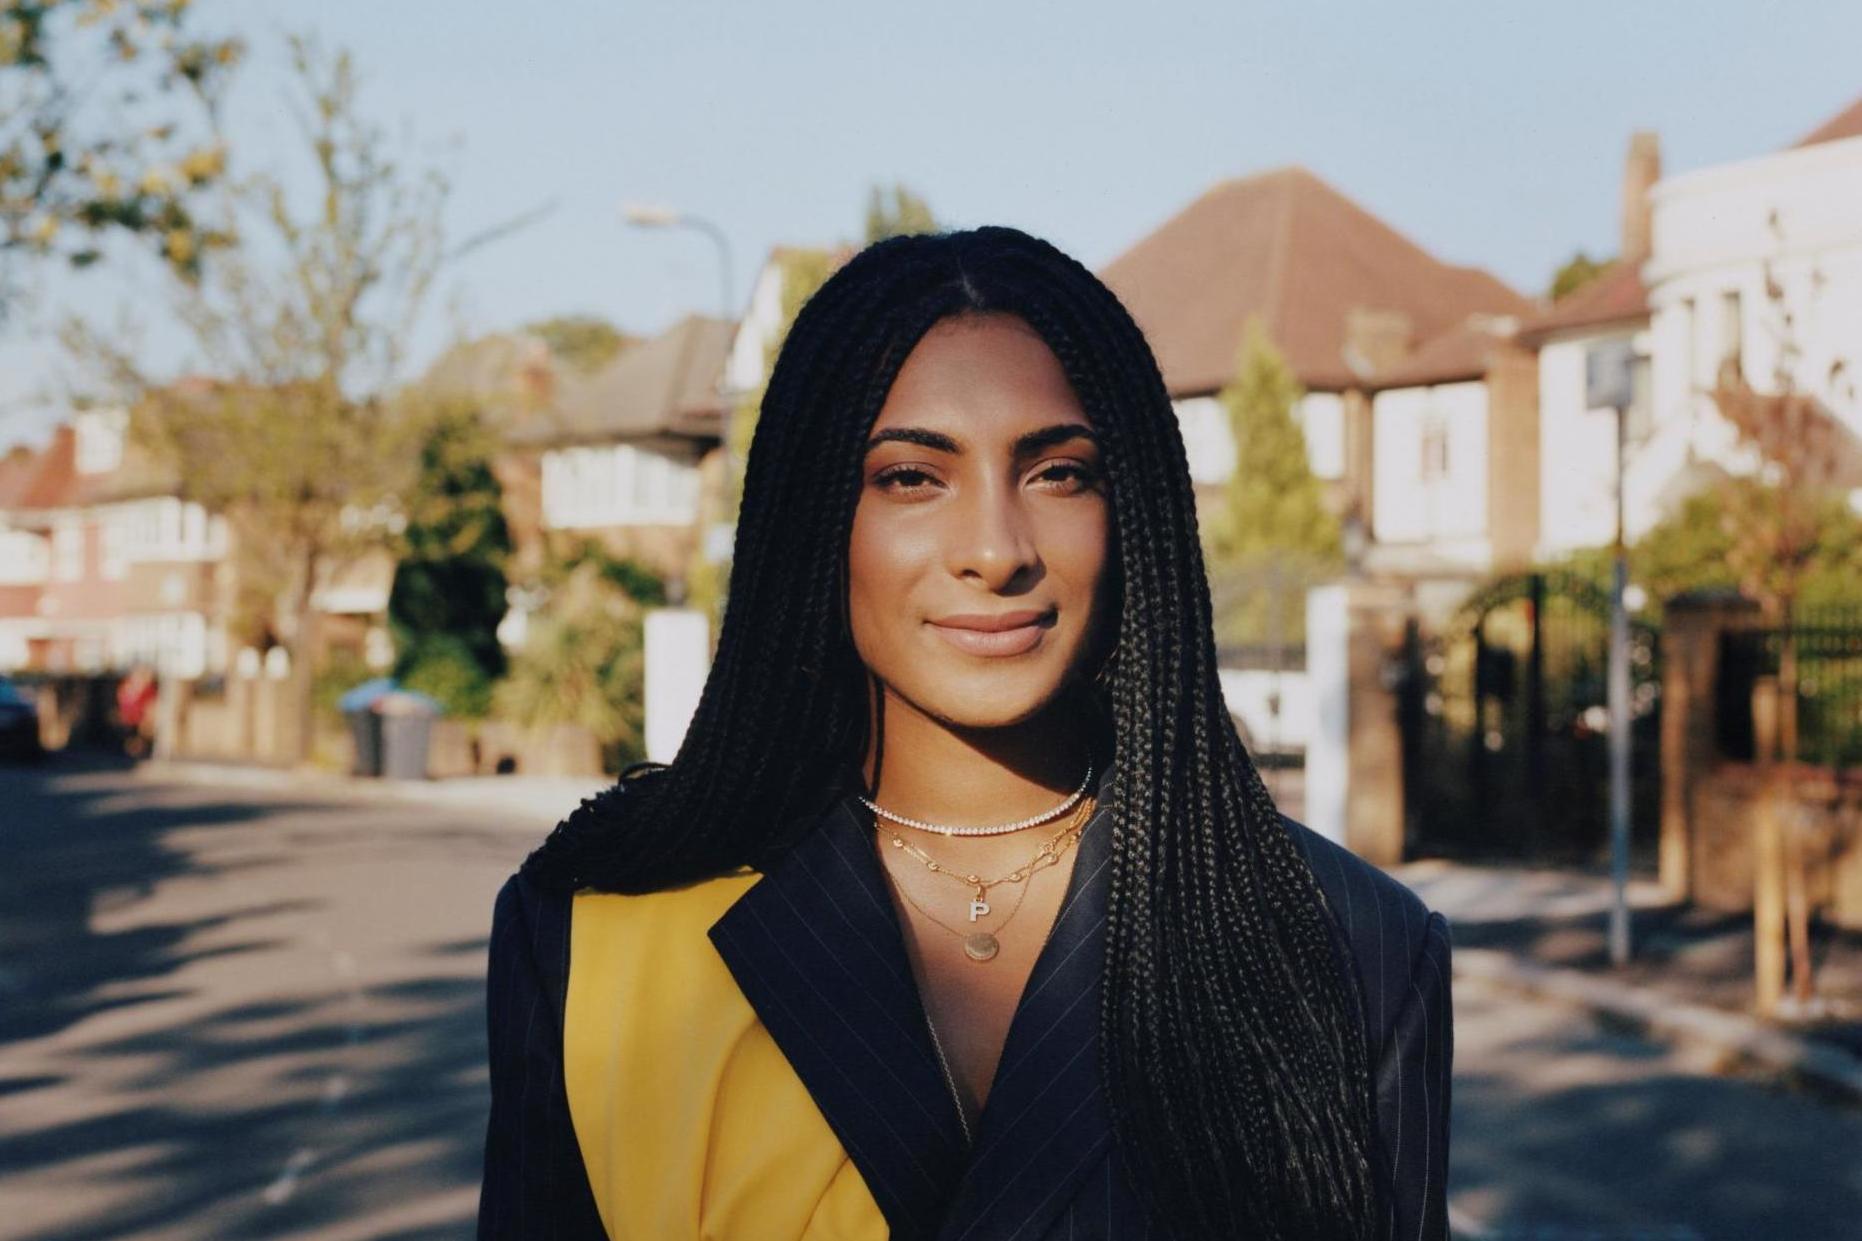 London menswear designer Priya Ahluwalia is on a mission ...